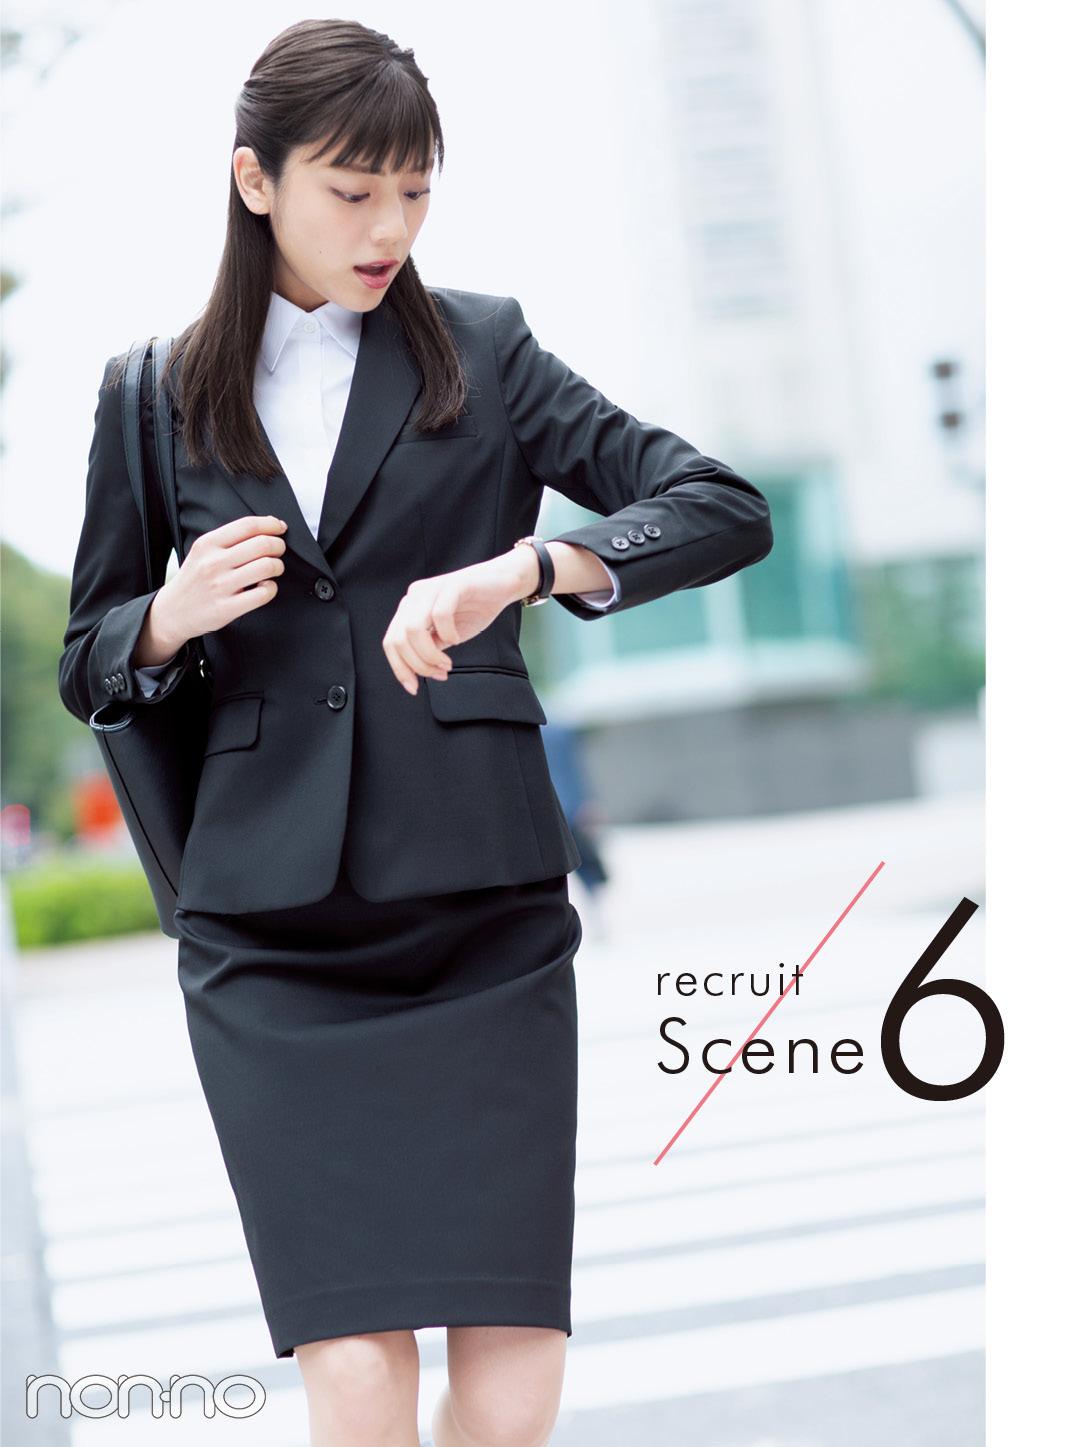 recruit Scene 6